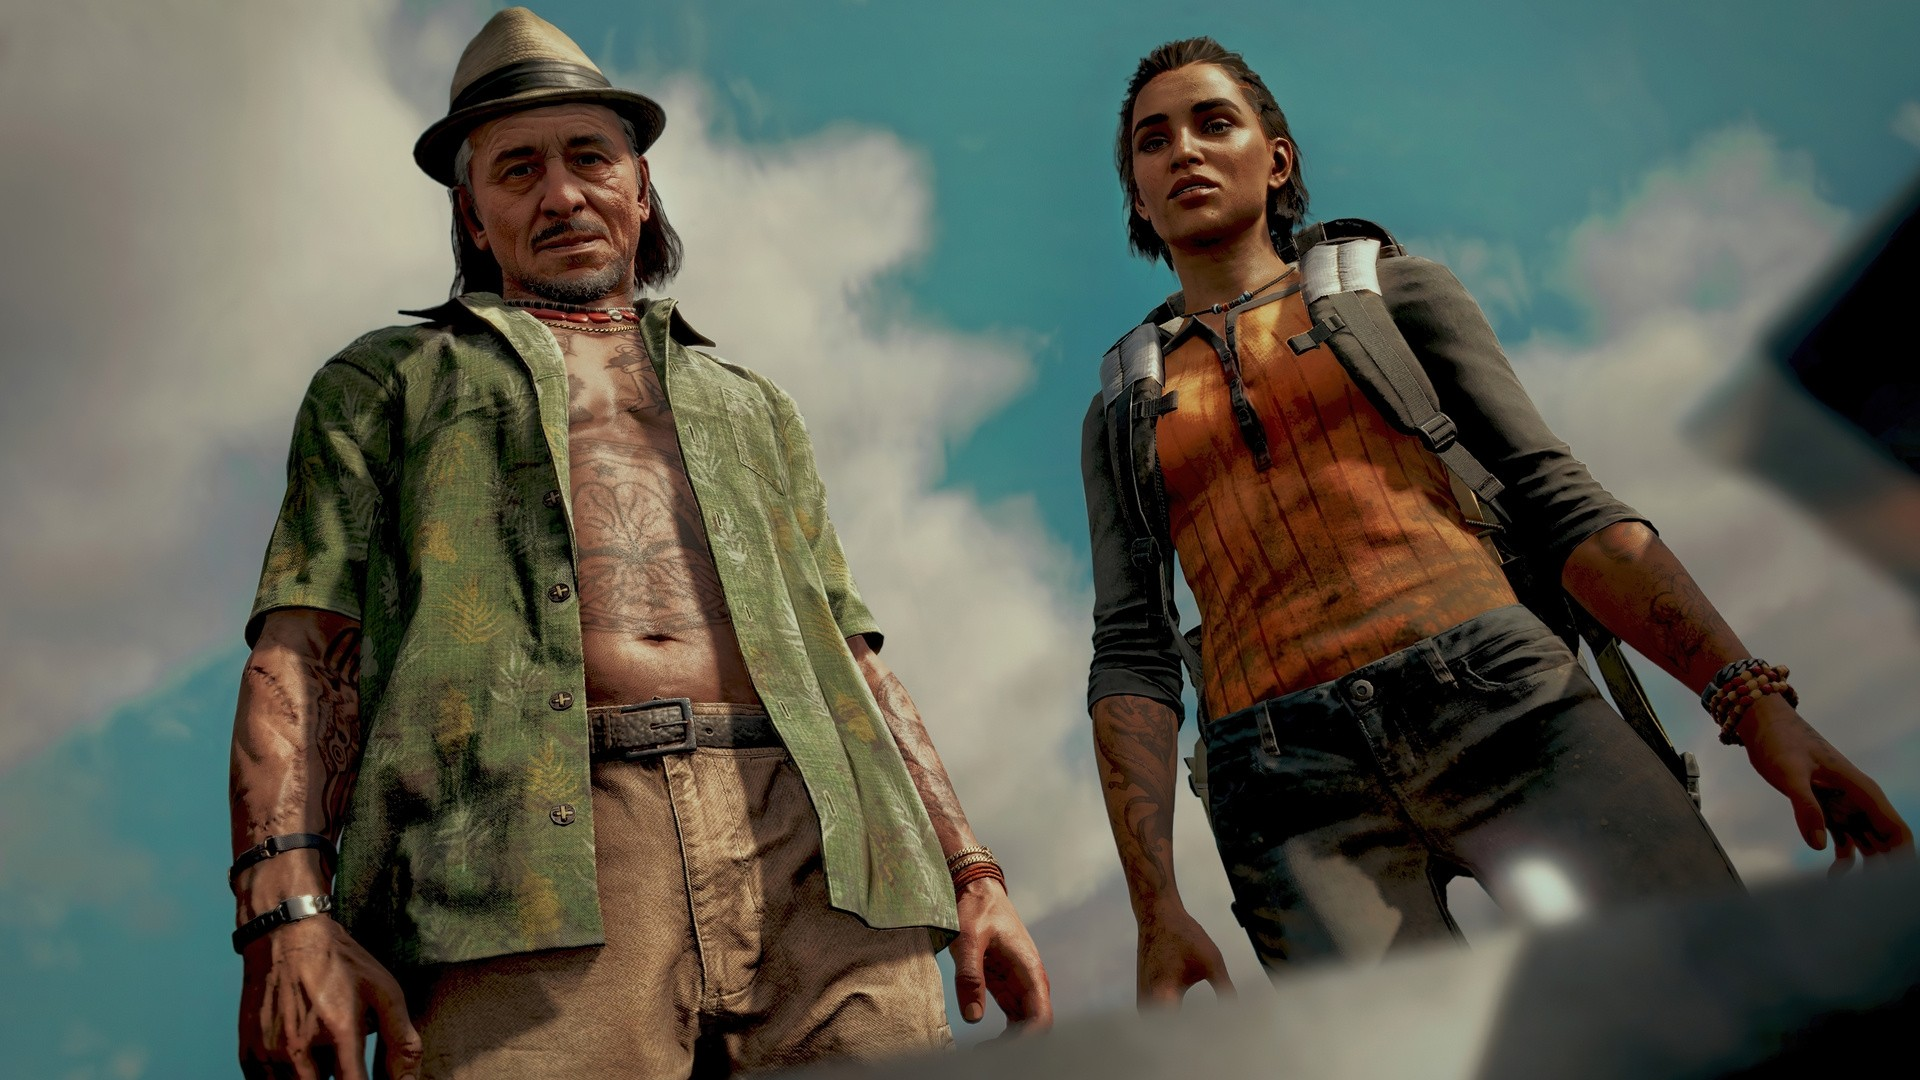 Блогер сравнил графику в Far Cry 6 и Red Dead Redemption 2 Ubisoft не смогла переплюнуть Rockstar